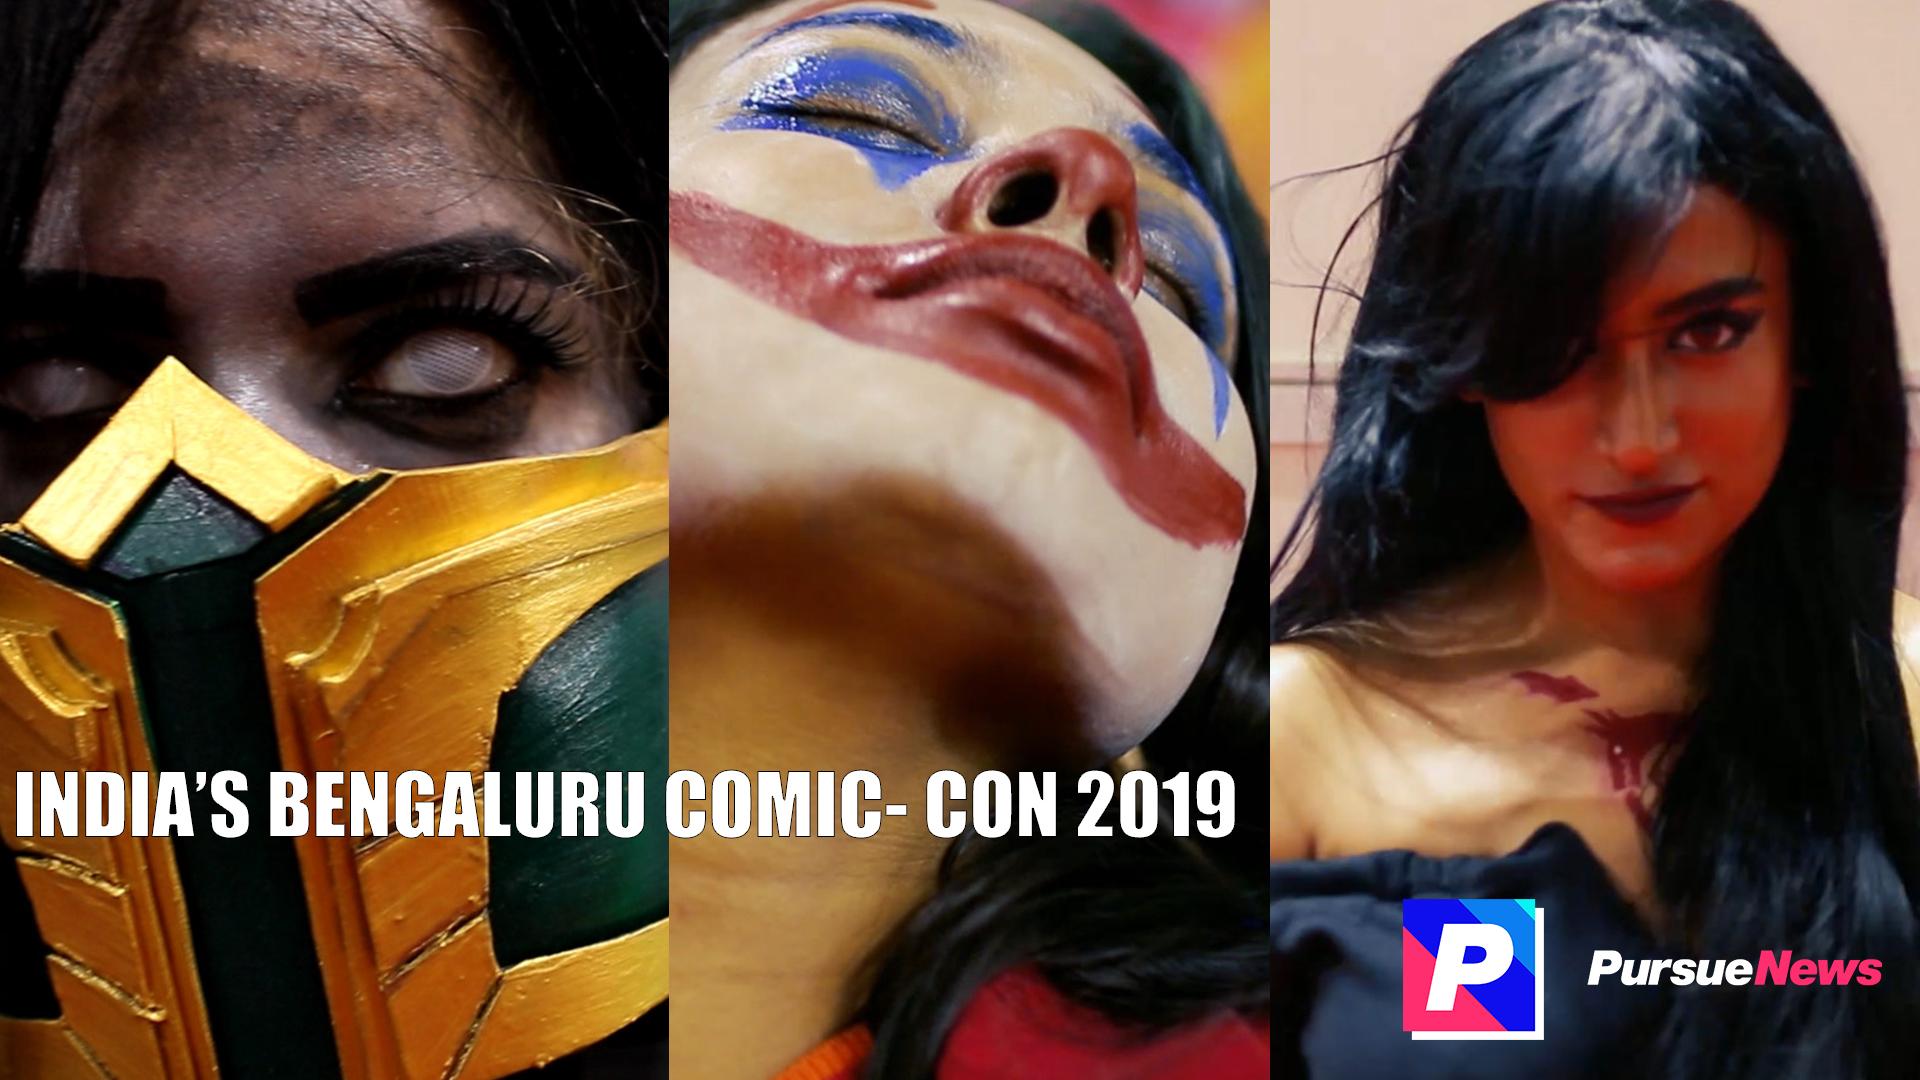 Bengaluru Comic-con 2019, Comic-con, India Comic-con